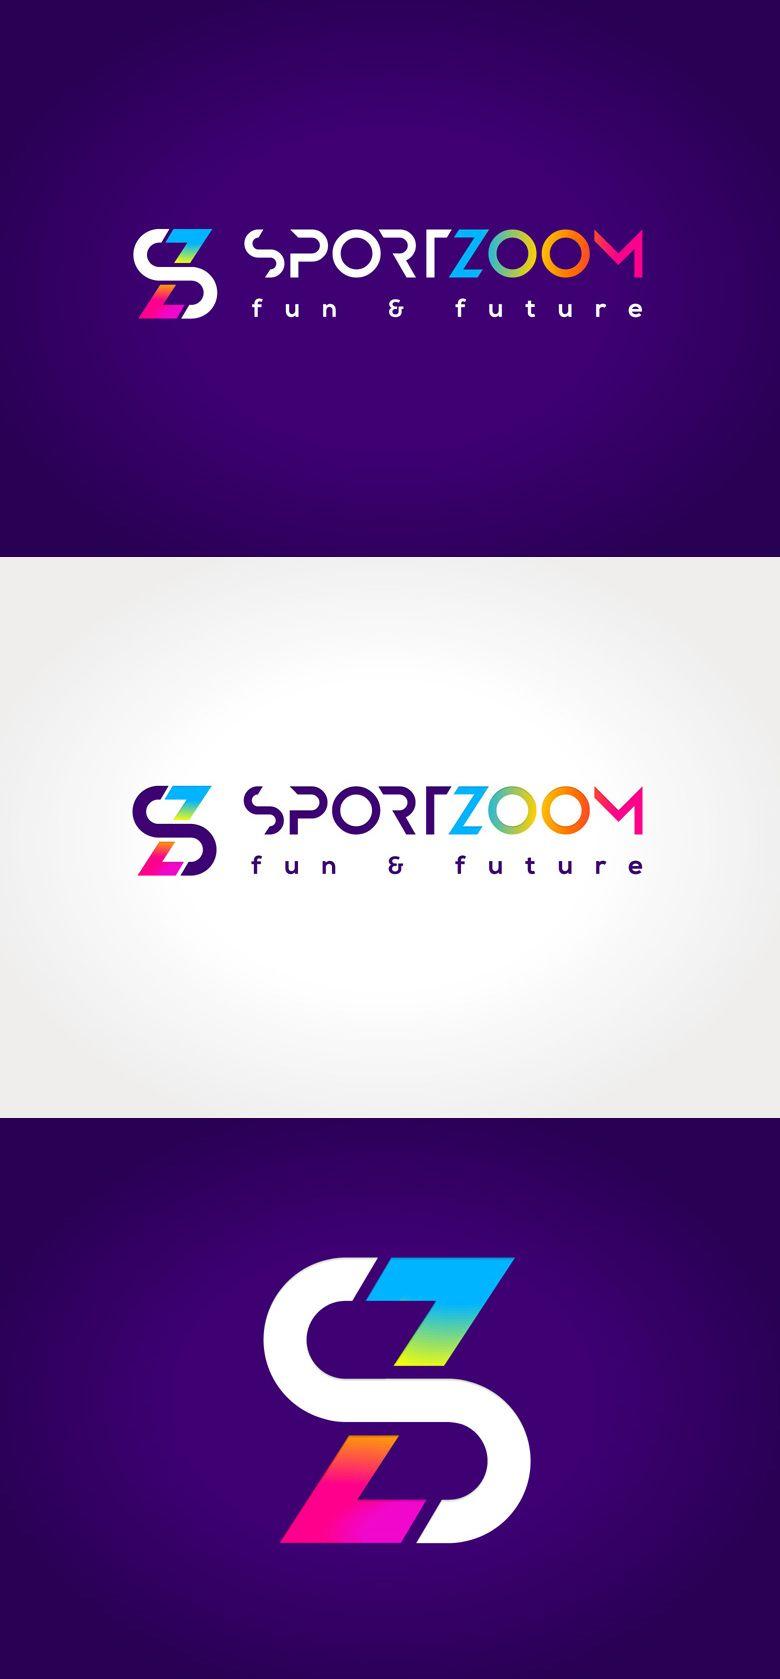 Diseno De Logotipo Para Sportzoom Un Centro De Ocio Ubicado Al Norte De Madrid Y Dirigida Esp Marcas De Ropa Deportiva Nombres Para Negocio Logotipo De Tienda